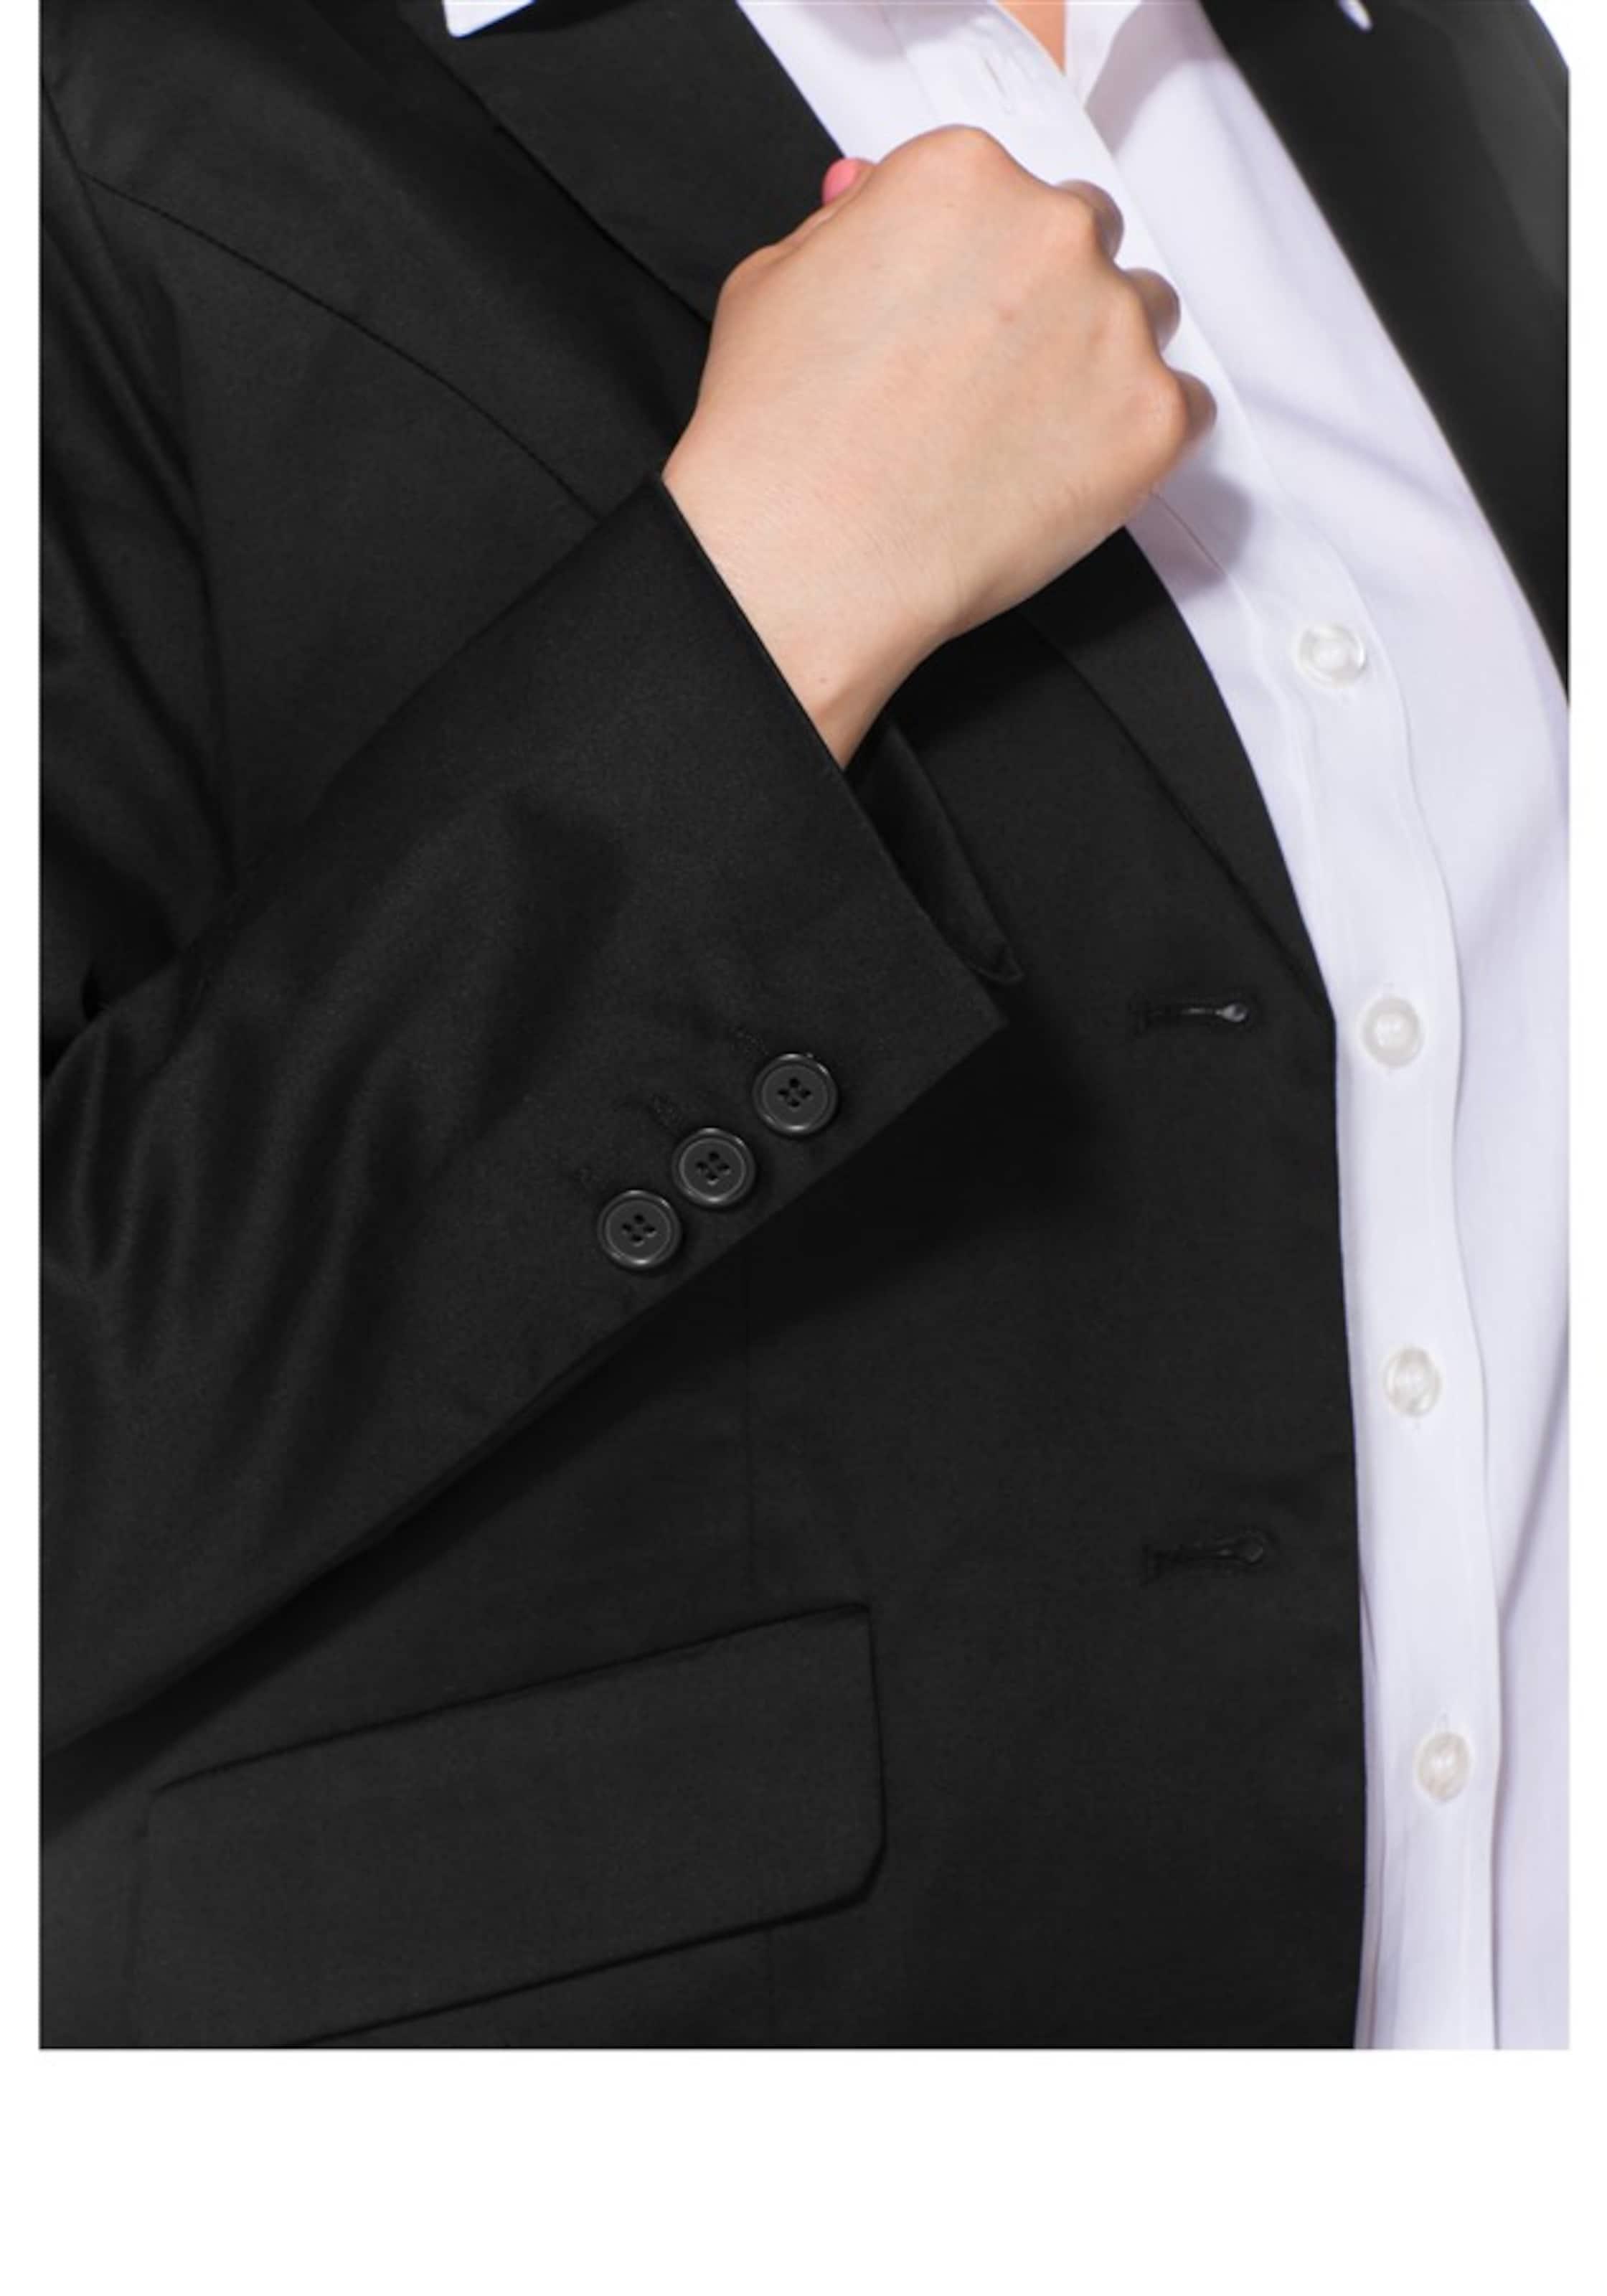 SHEEGO Blazer mit Reverskragen Fälschung Hohe Qualität Zu Verkaufen Bestes Geschäft Zu Bekommen rR8t4